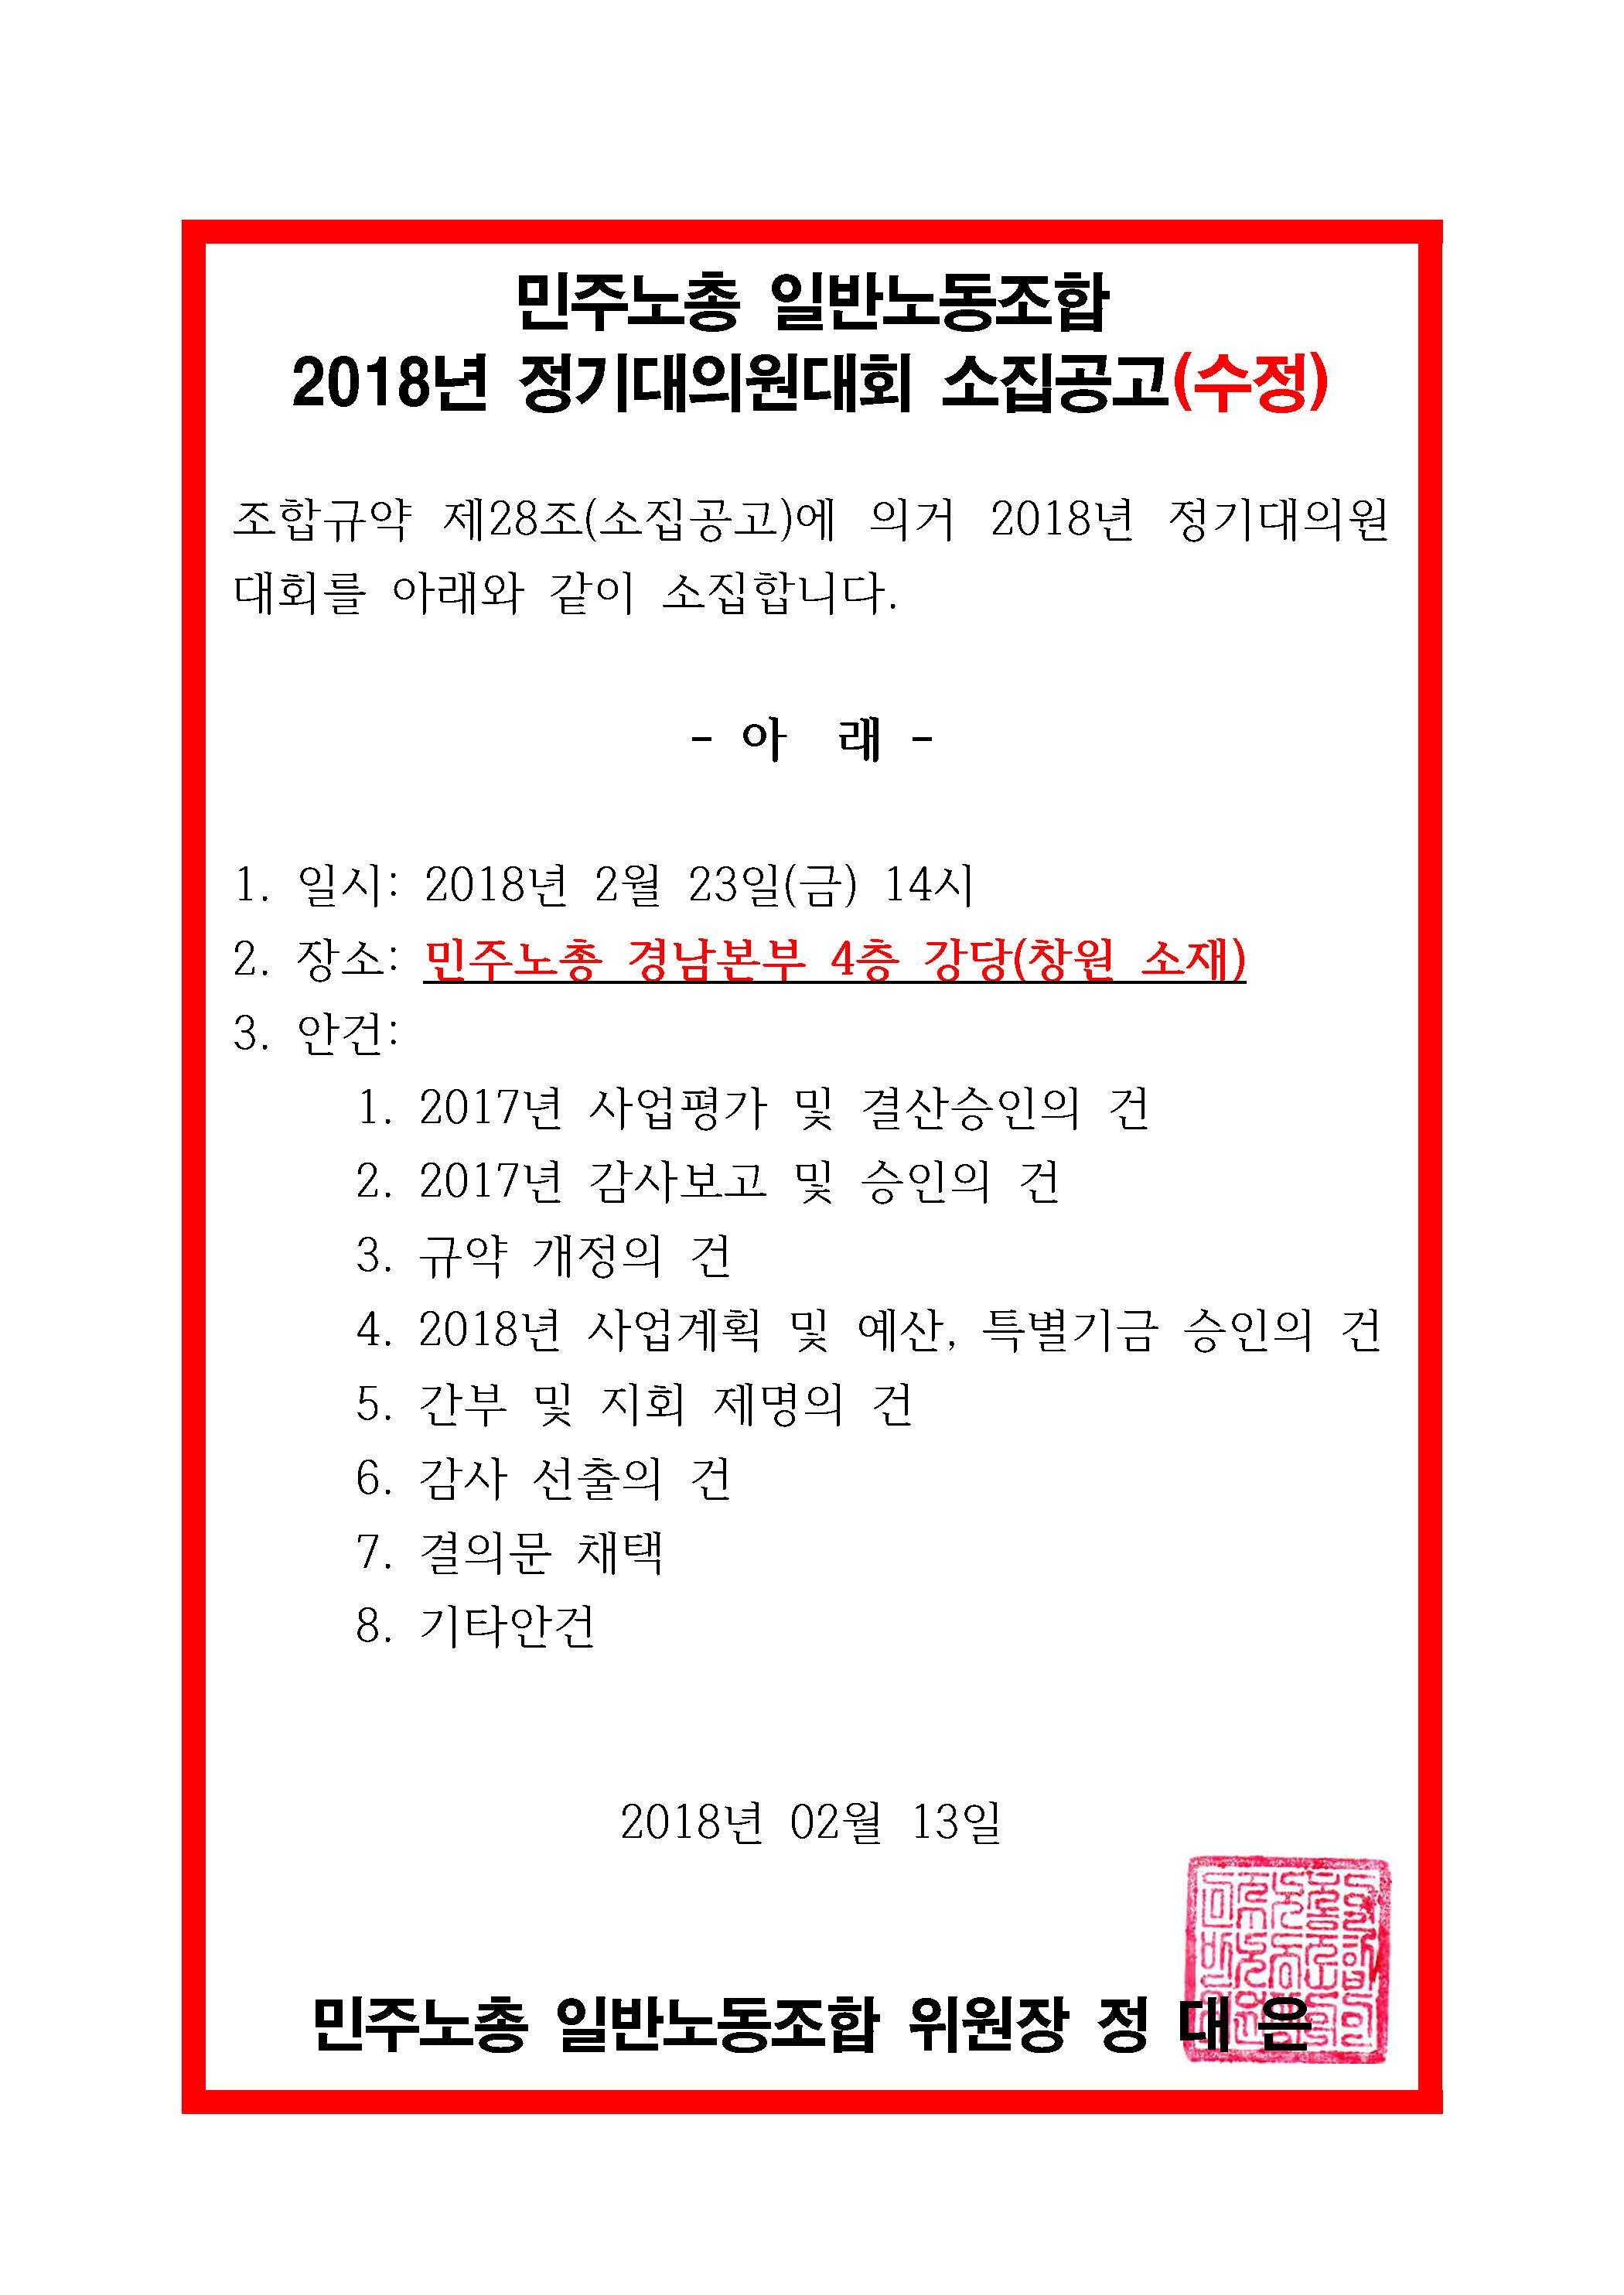 2018년 정대공고_수정.jpg